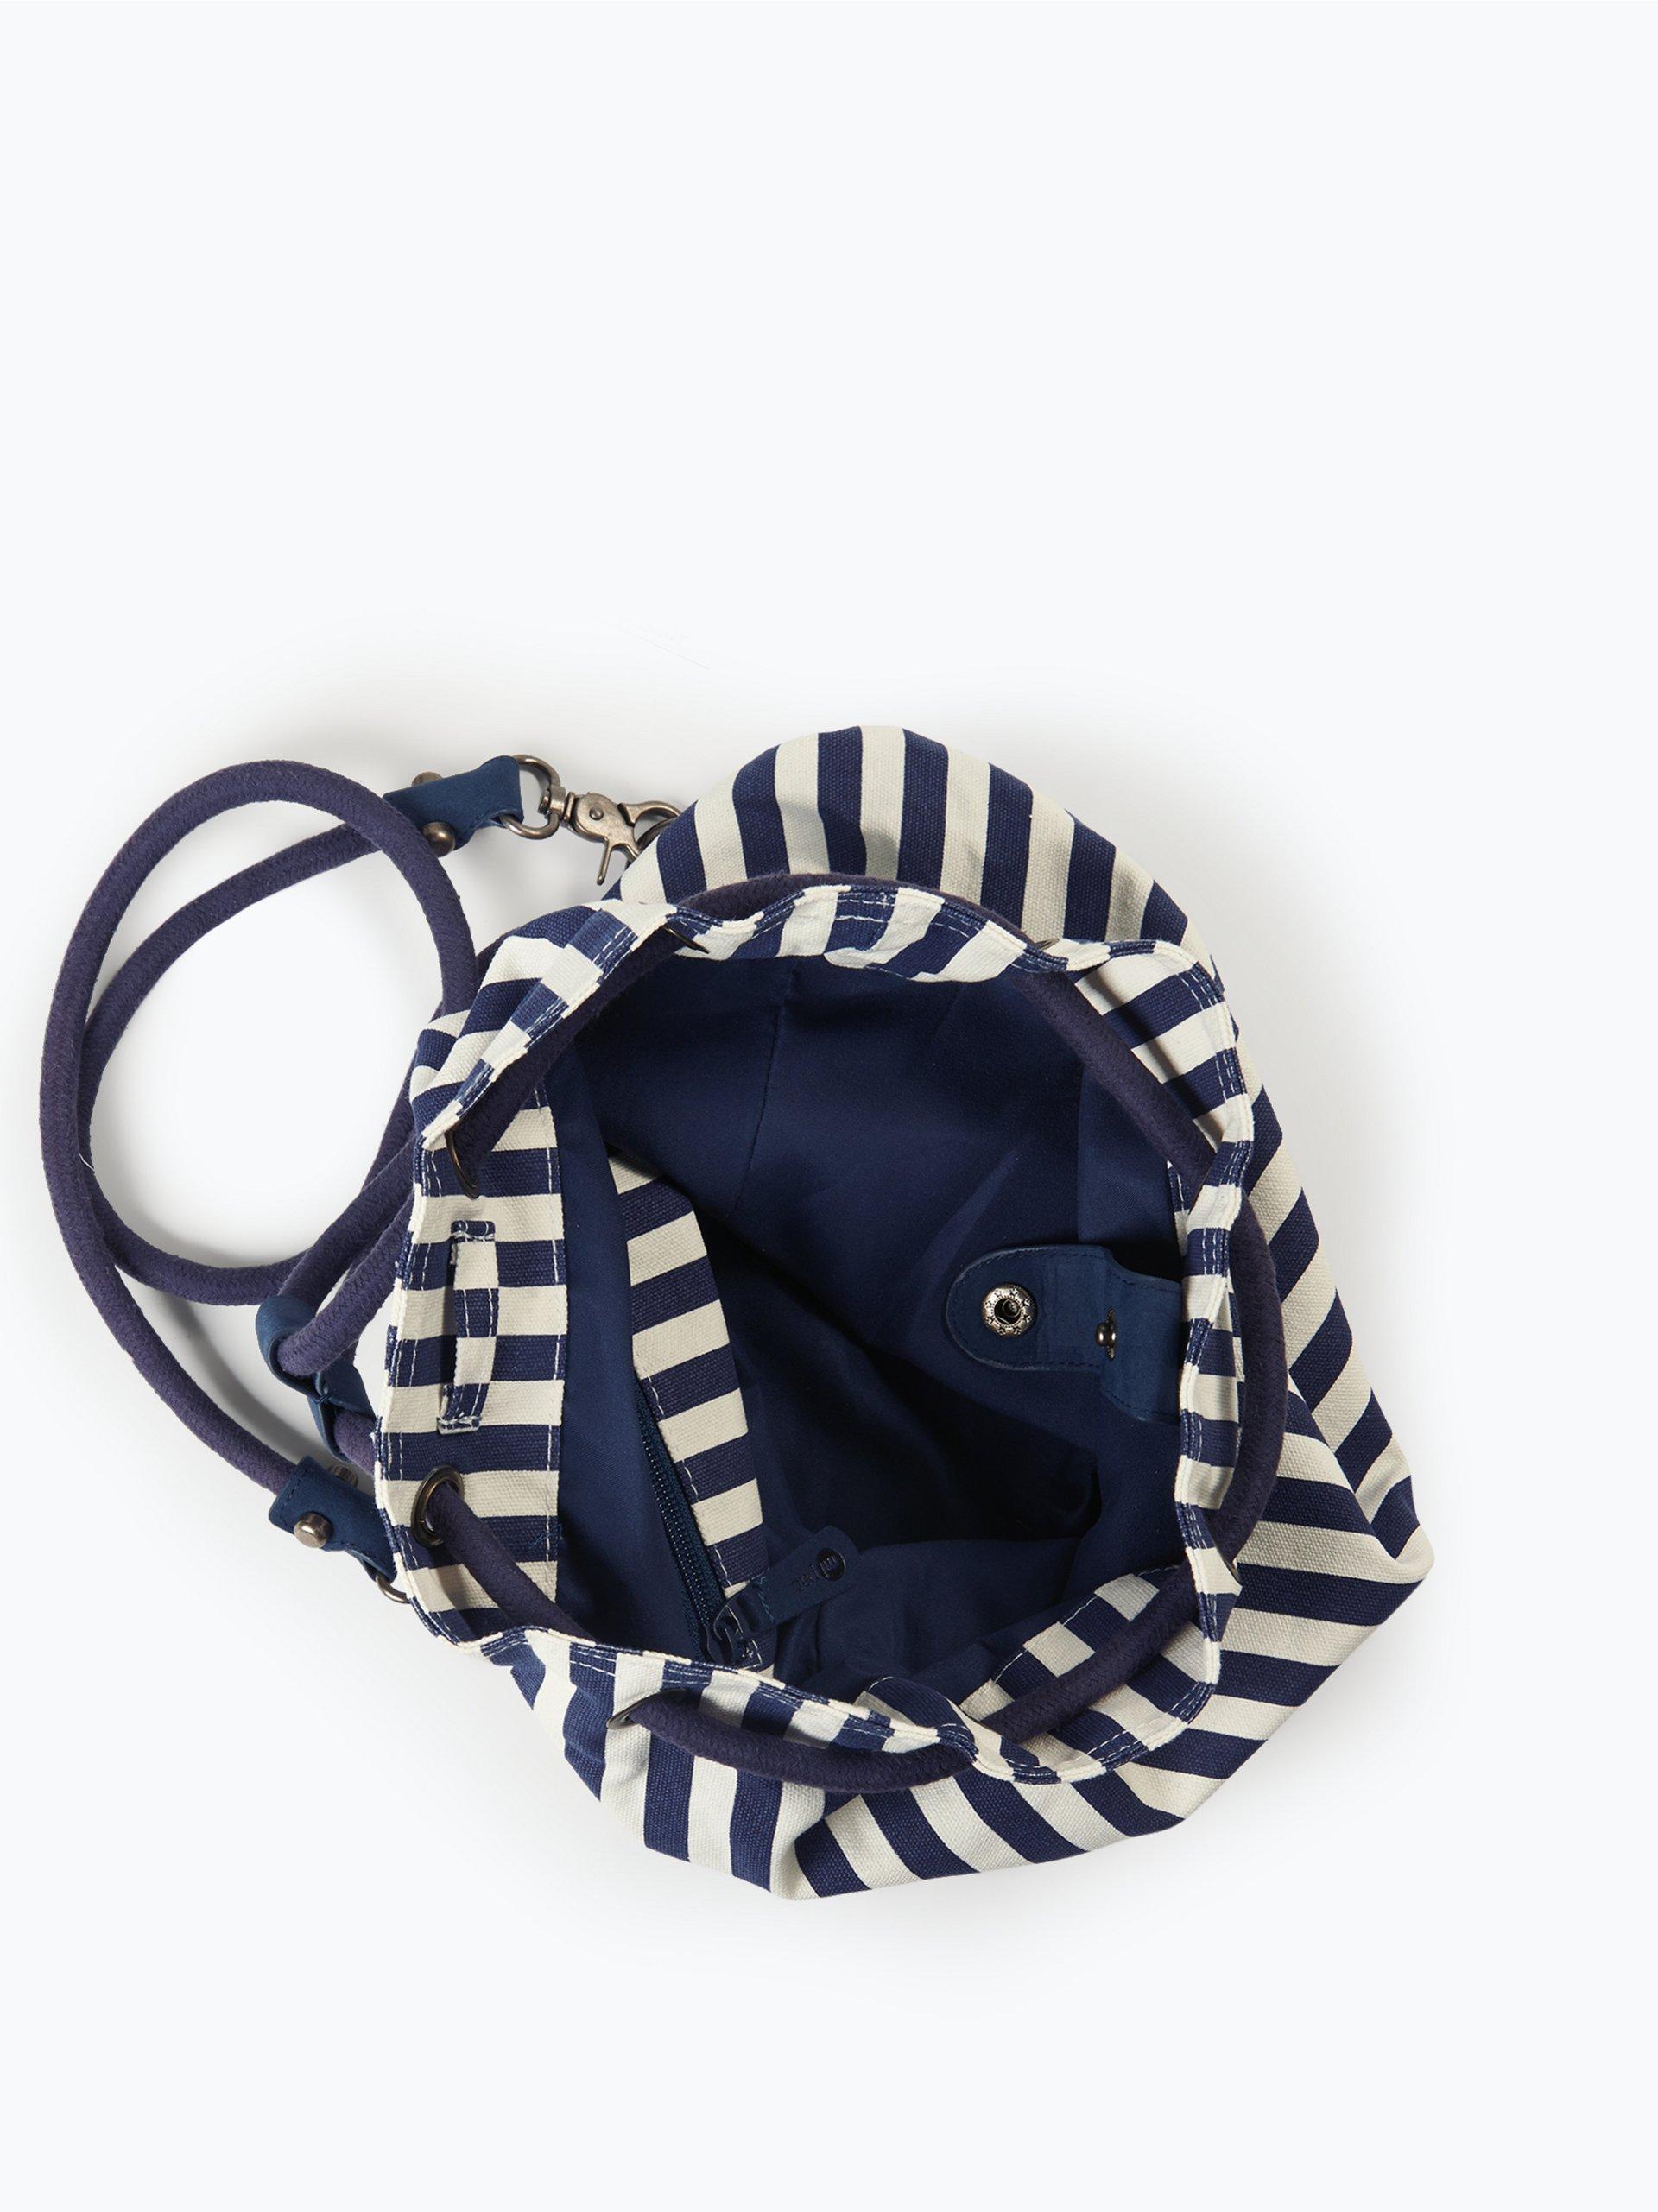 mipac damen rucksack blau gestreift online kaufen peek und cloppenburg de. Black Bedroom Furniture Sets. Home Design Ideas